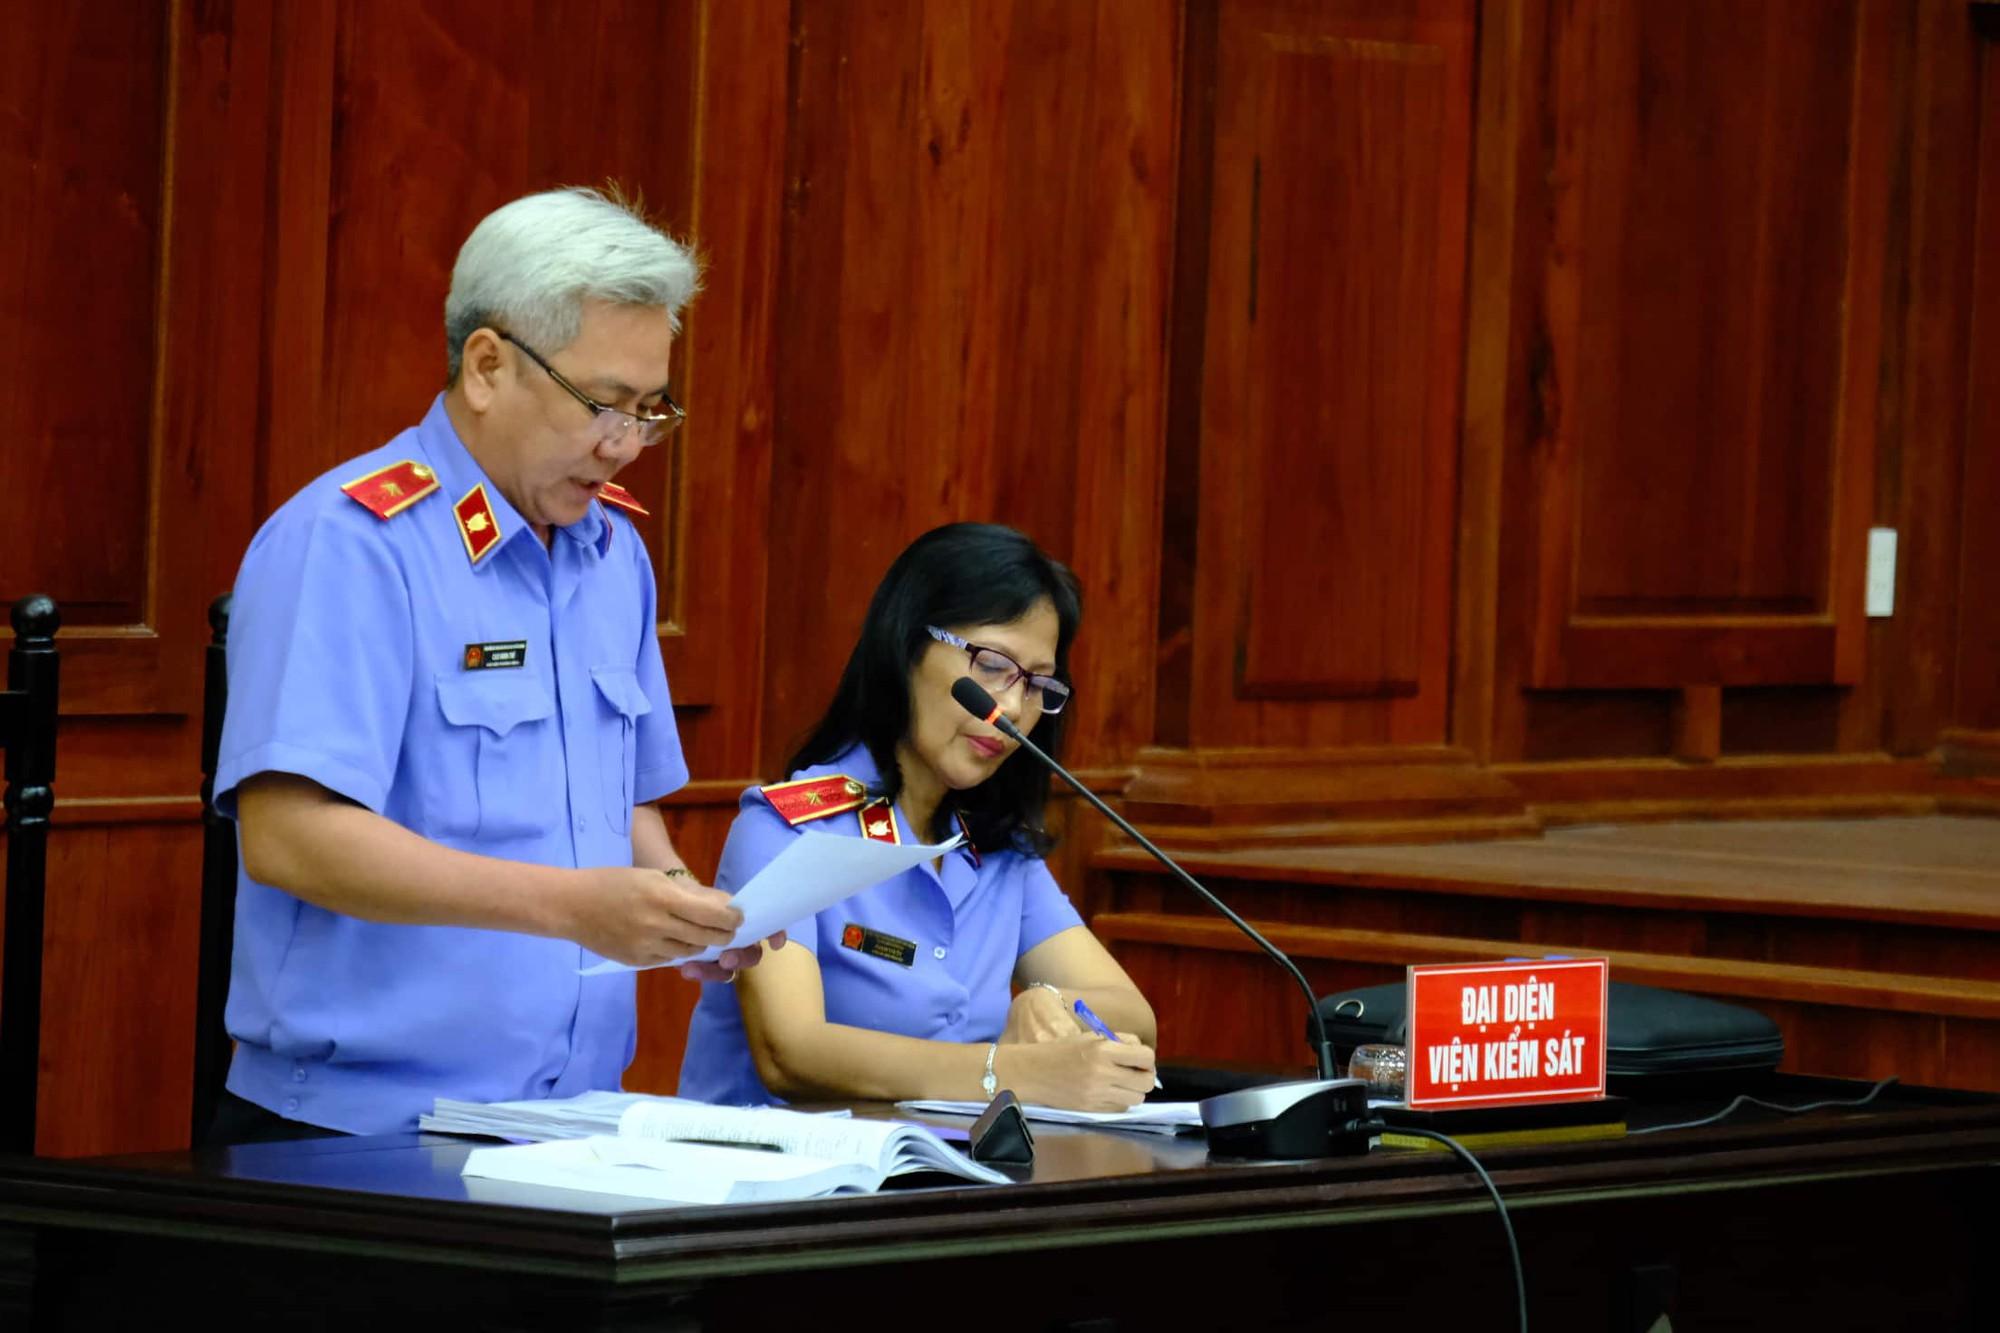 NÓNG: Bà Thảo vắng mặt trong phiên tòa ly hôn nghìn tỷ, ông Vũ cho biết không muốn nhắc đến chuyện gia đình-7